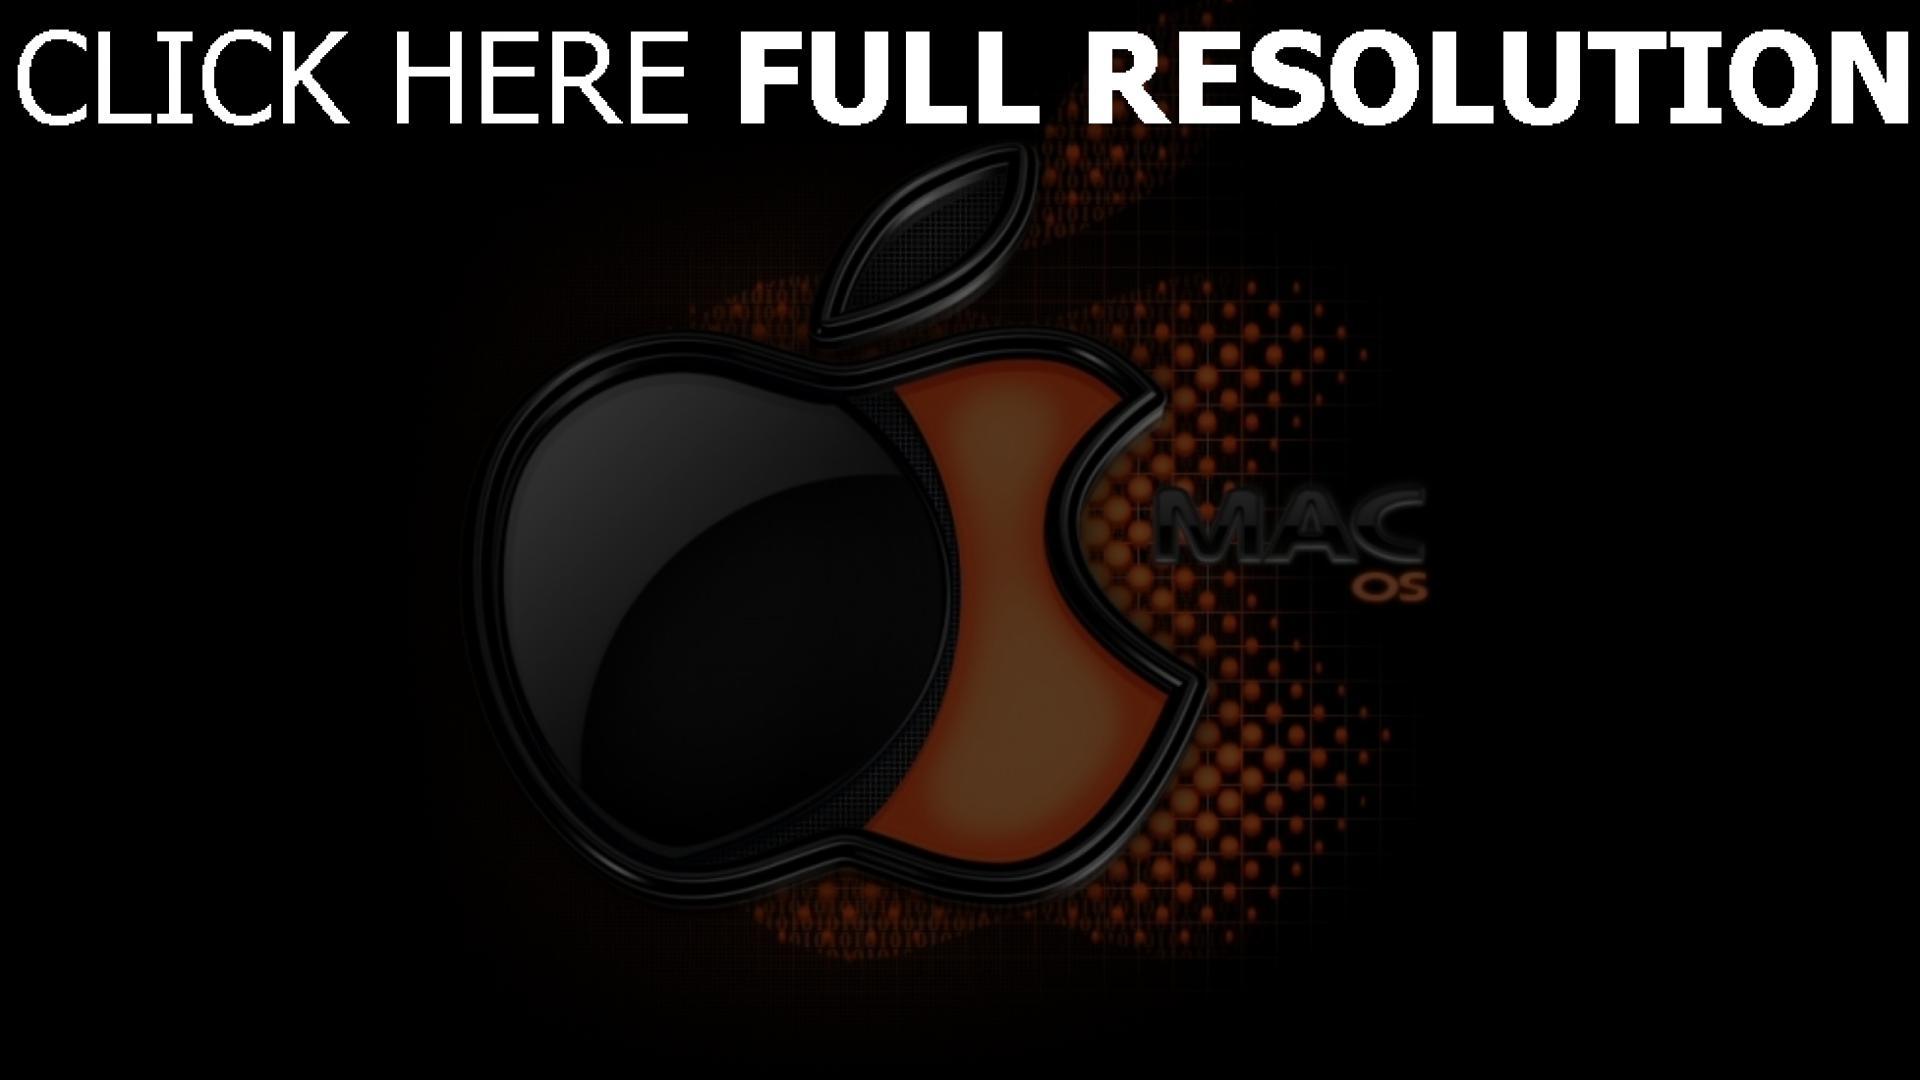 hd hintergrundbilder apple mac logo schwarzes orange volumen 1920x1080